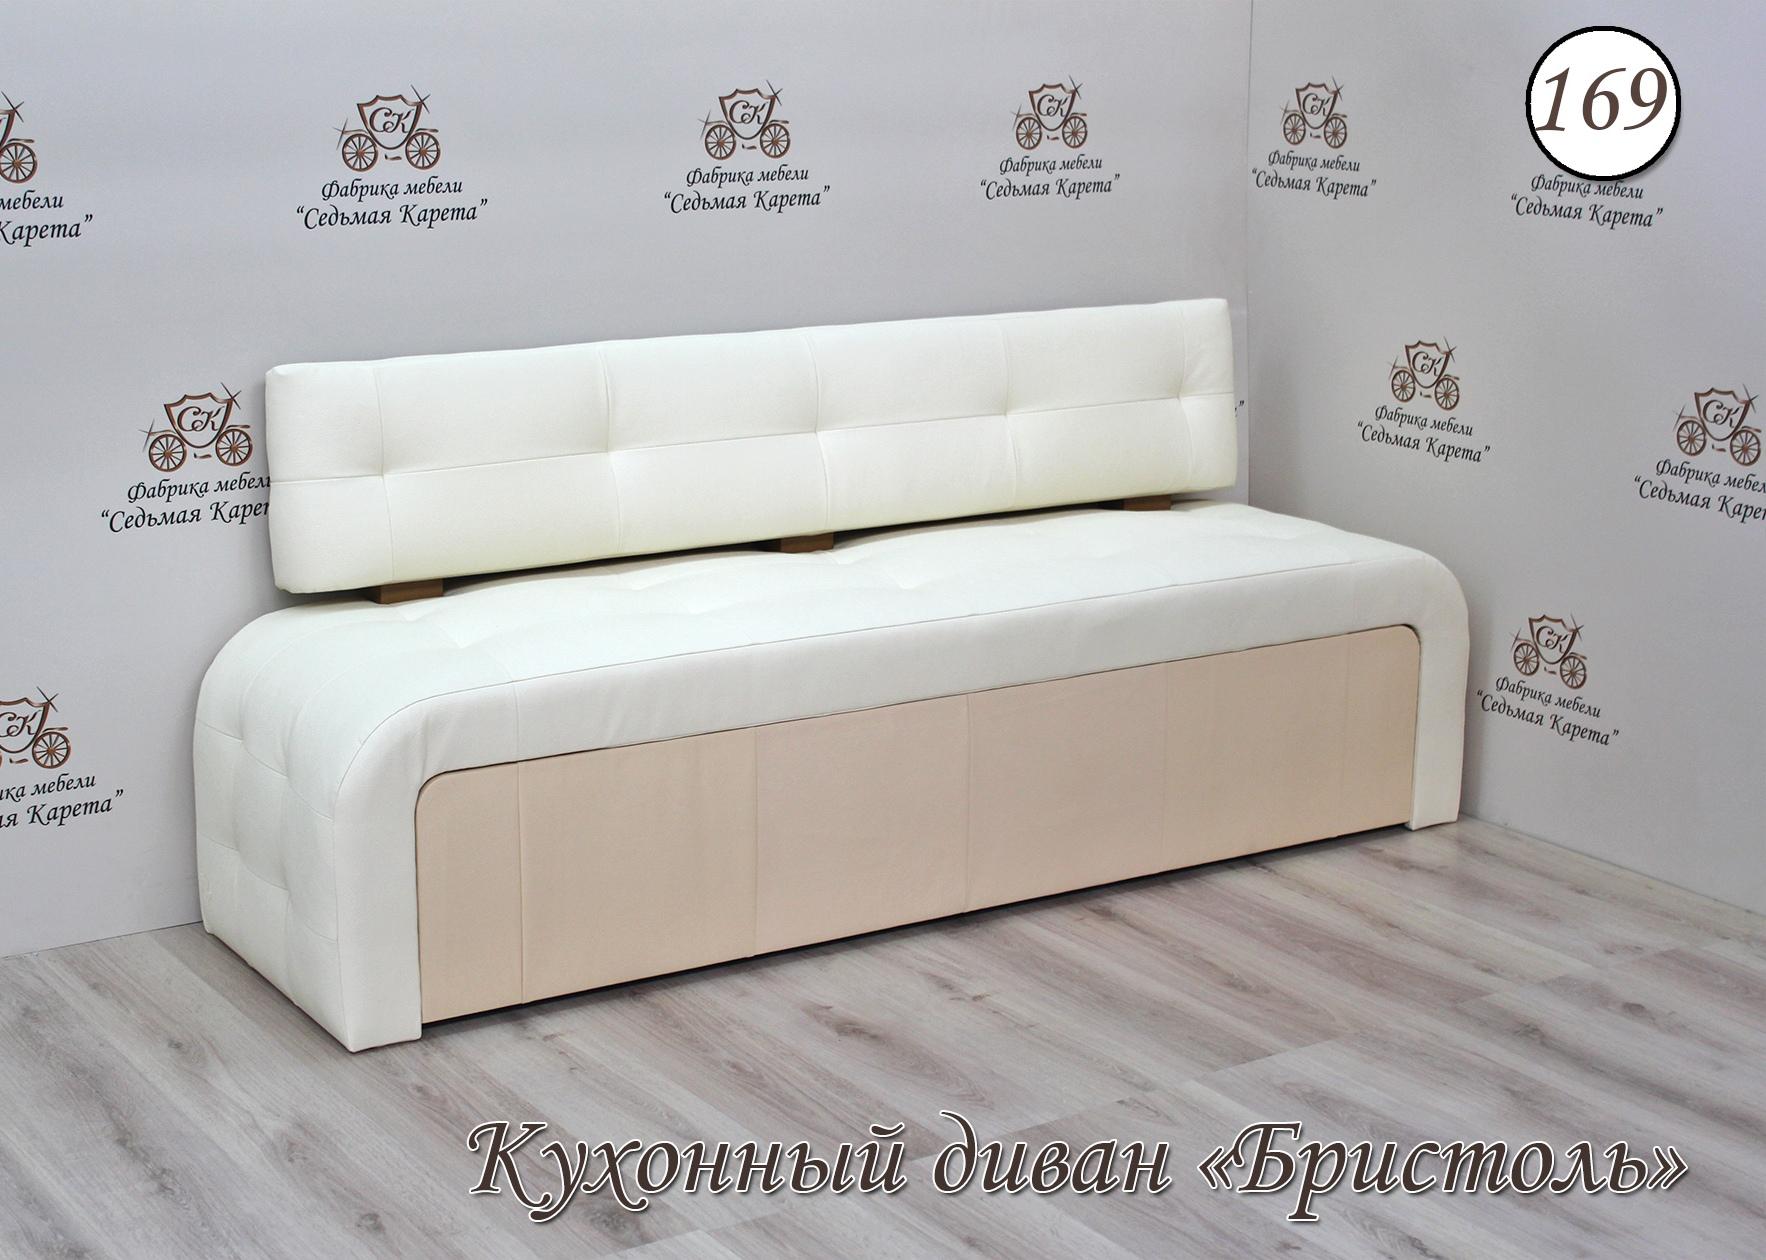 Кухонный диван Бристоль-169 фото